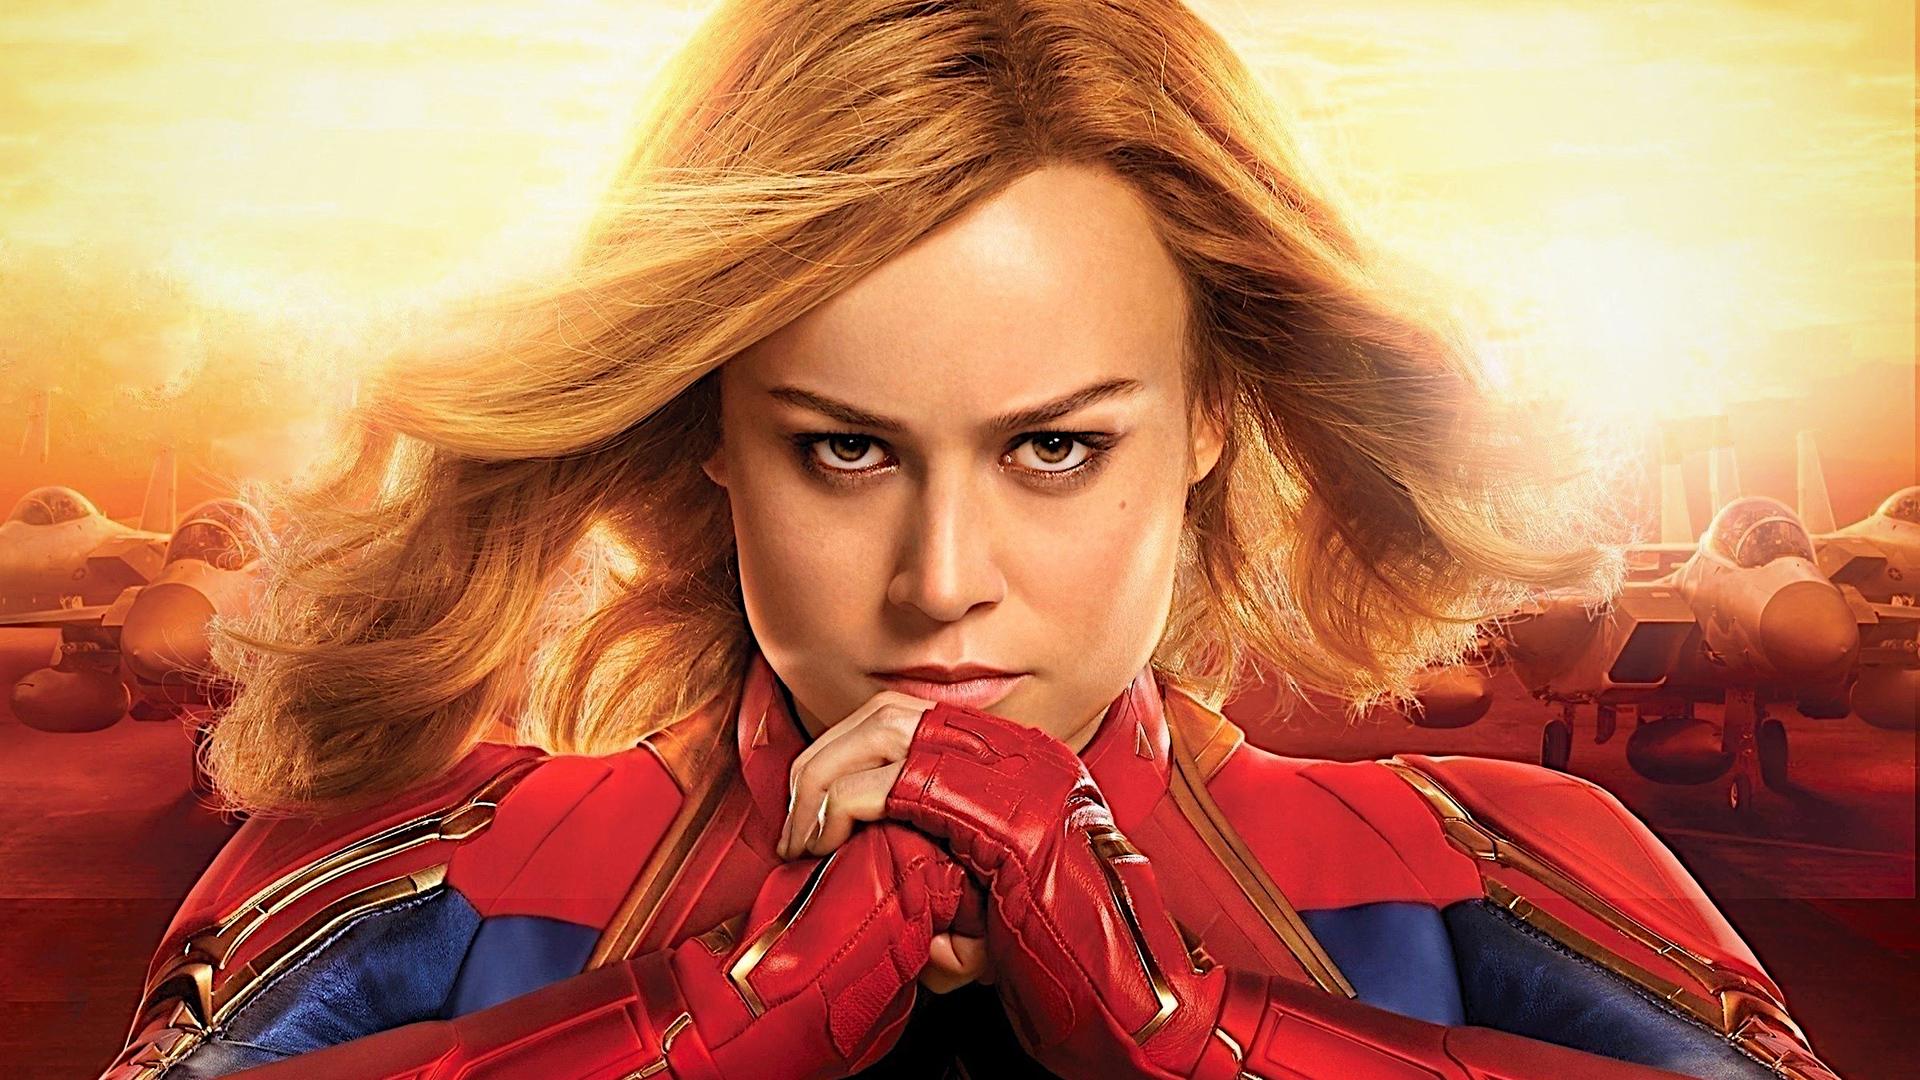 1920x1080 Captain Marvel Brie Larson Laptop Full HD 1080P ...